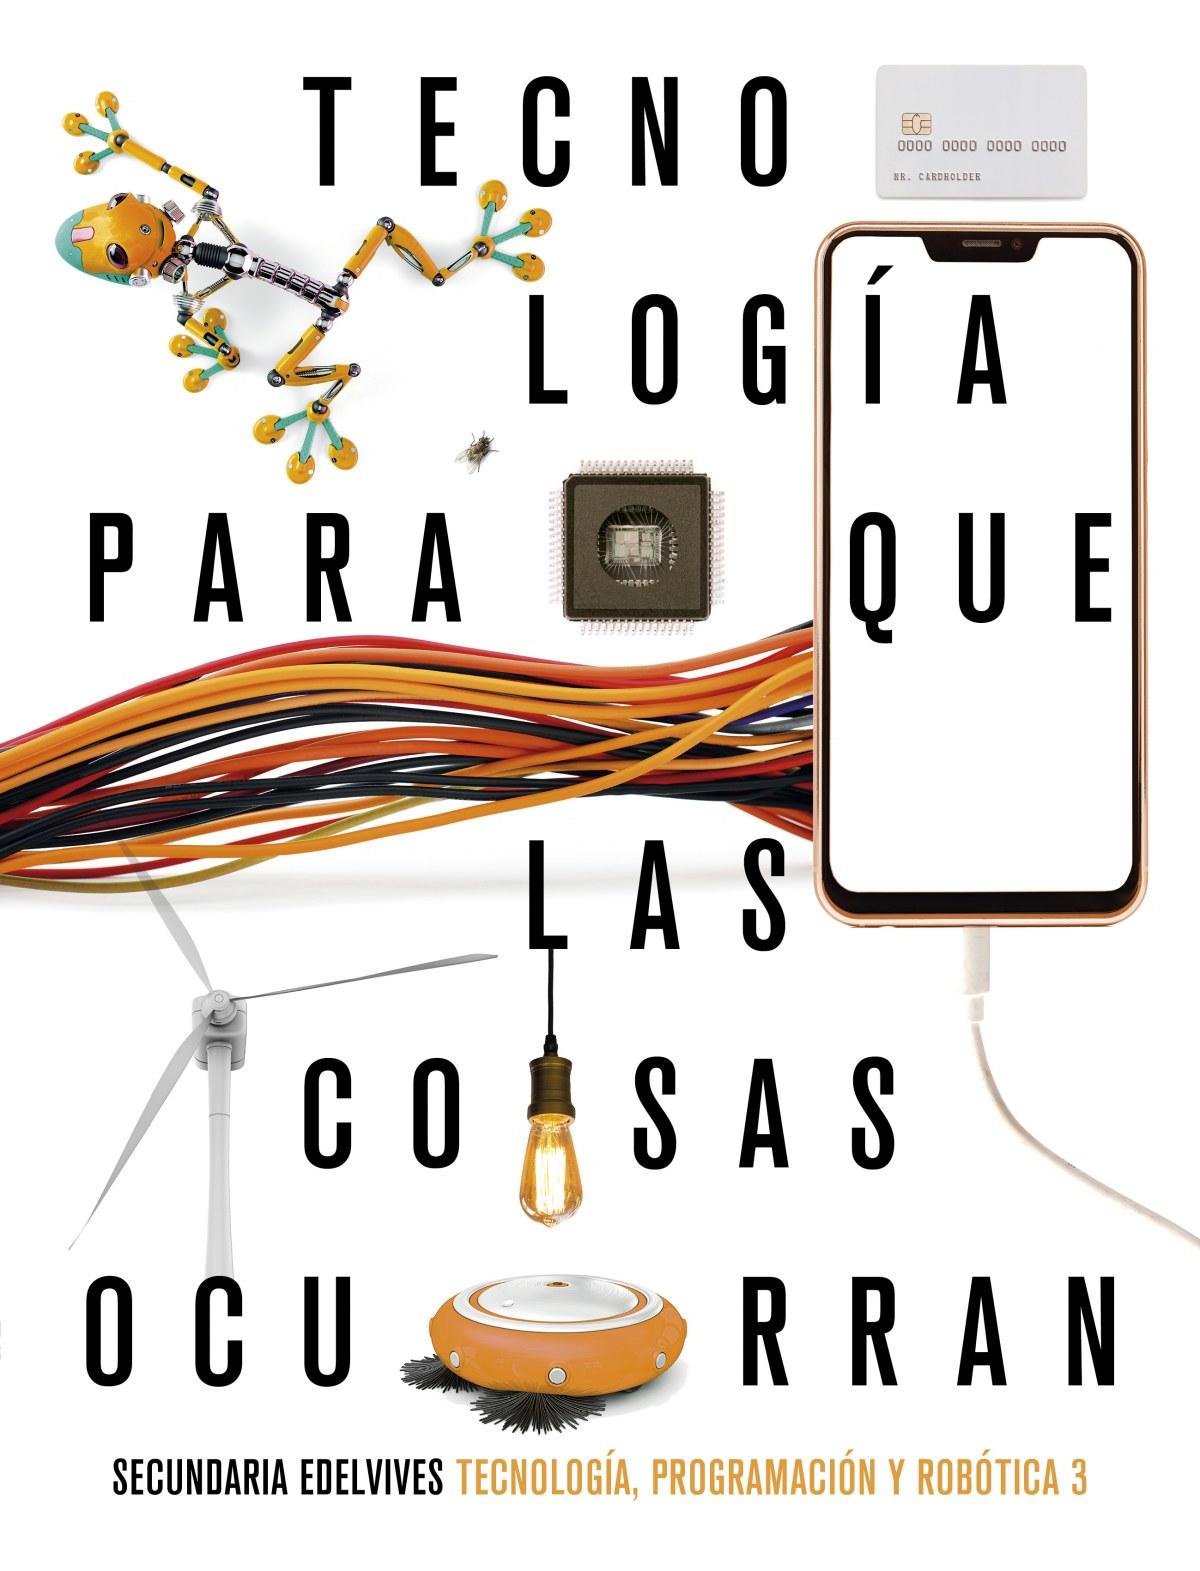 Proyecto: Para que las cosas ocurran - Tecnología, programación y robótica 3. Ed. Madrid